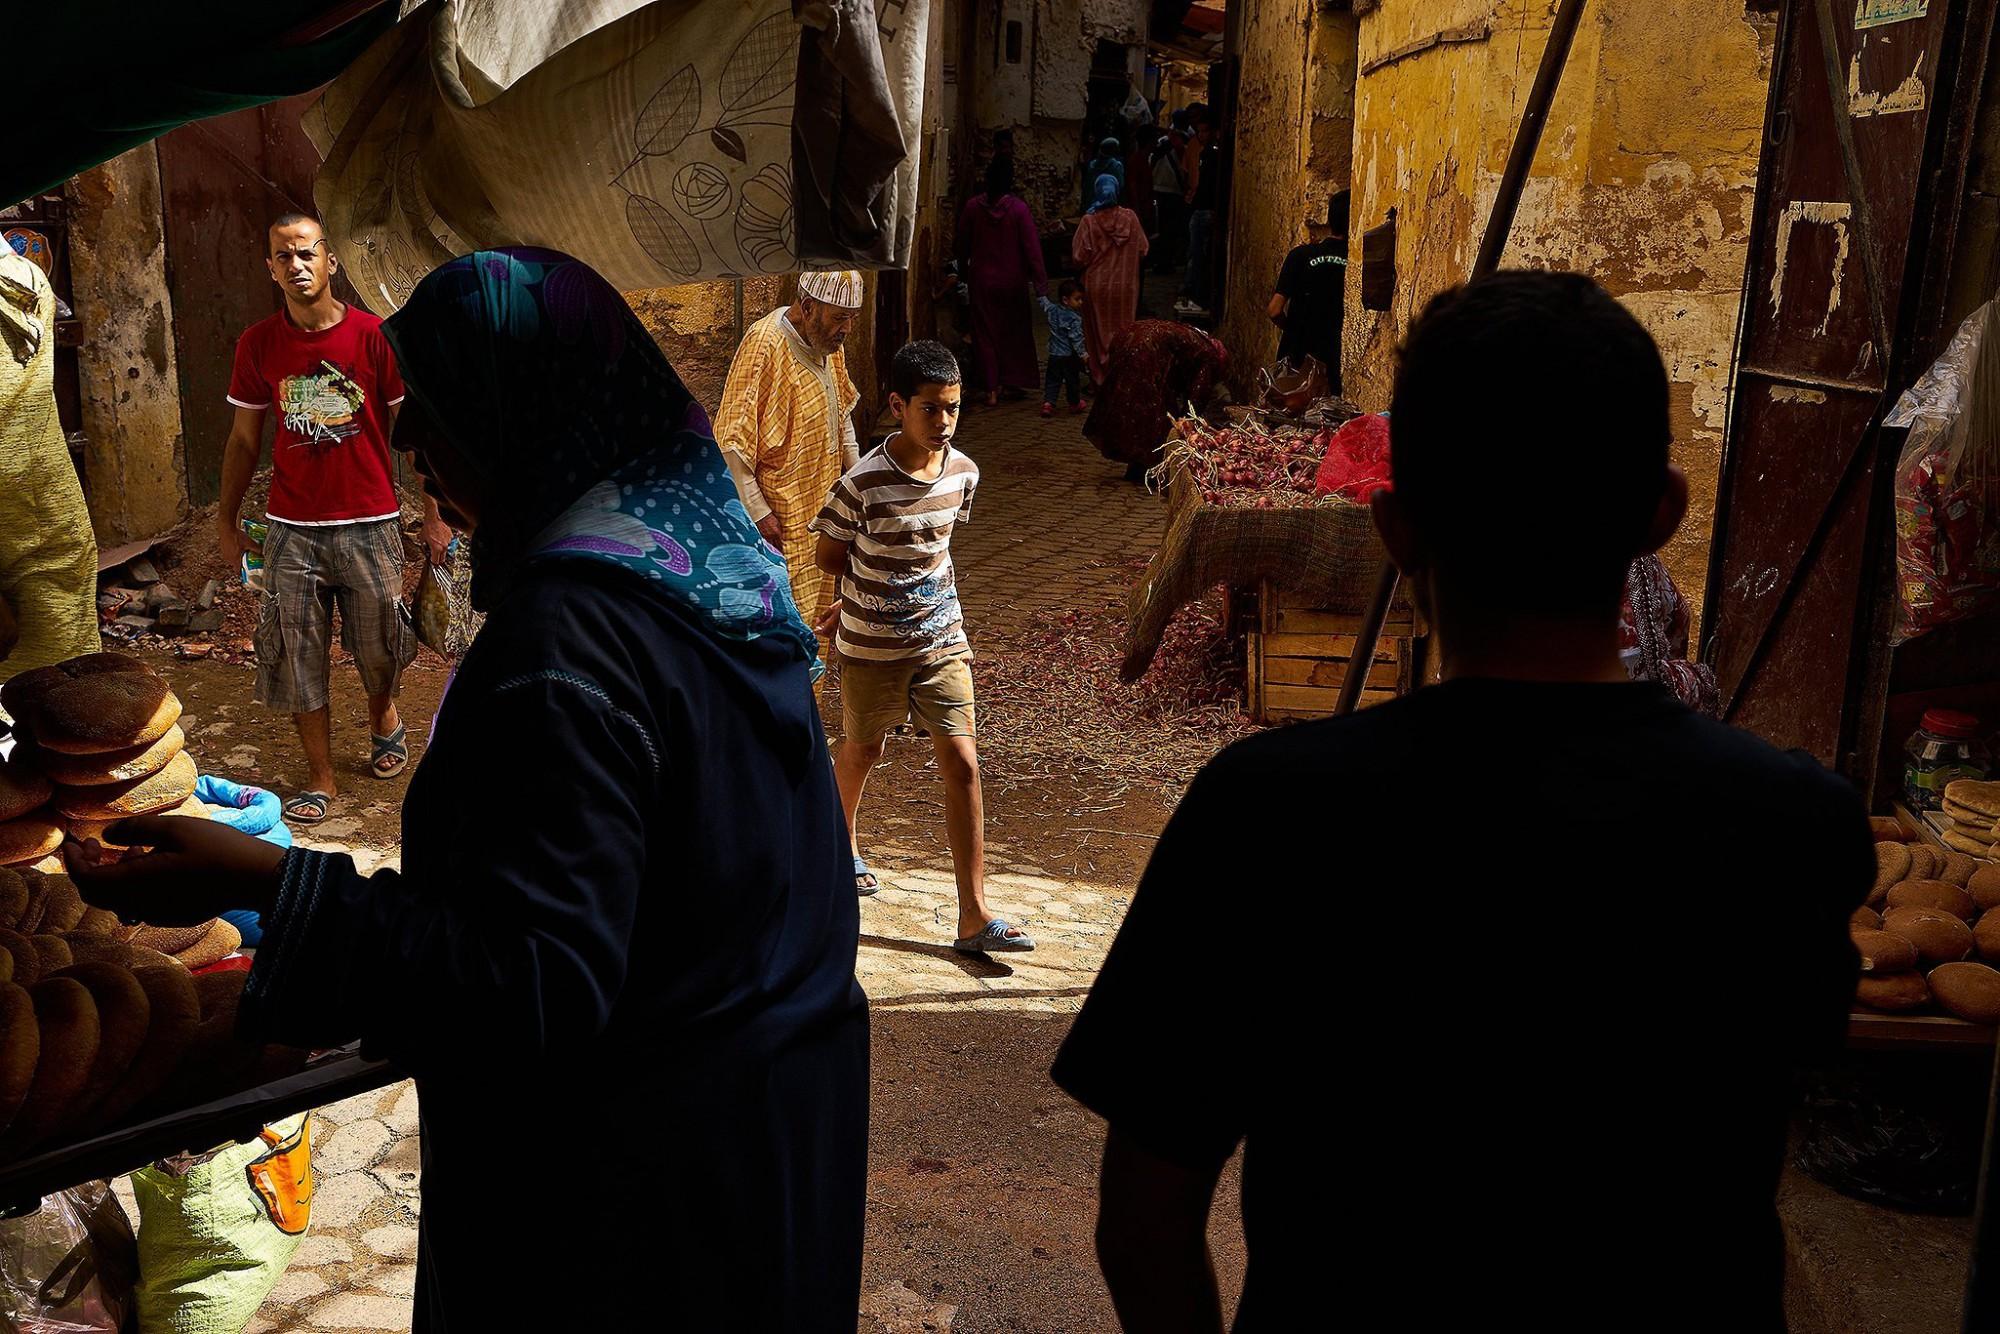 Afbeelding: Dominique Van Huffel, reisreportage, Marokko, medina Fez.